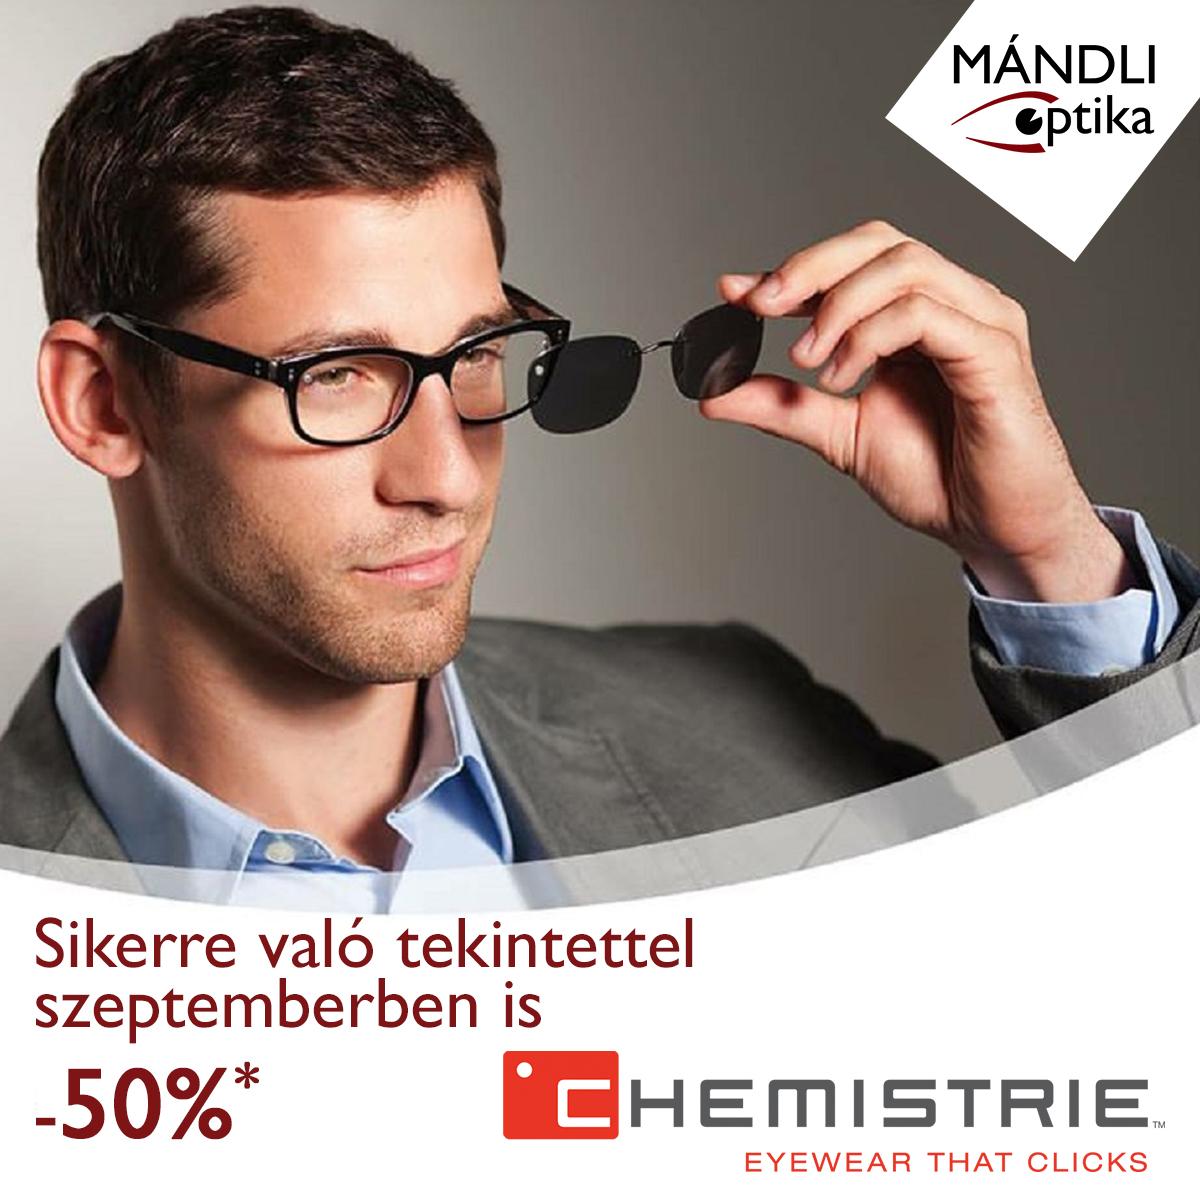 Mandli_optika_szombathely_Hoya_Chemistrie_clip-on_akcio_v2_1200x1200